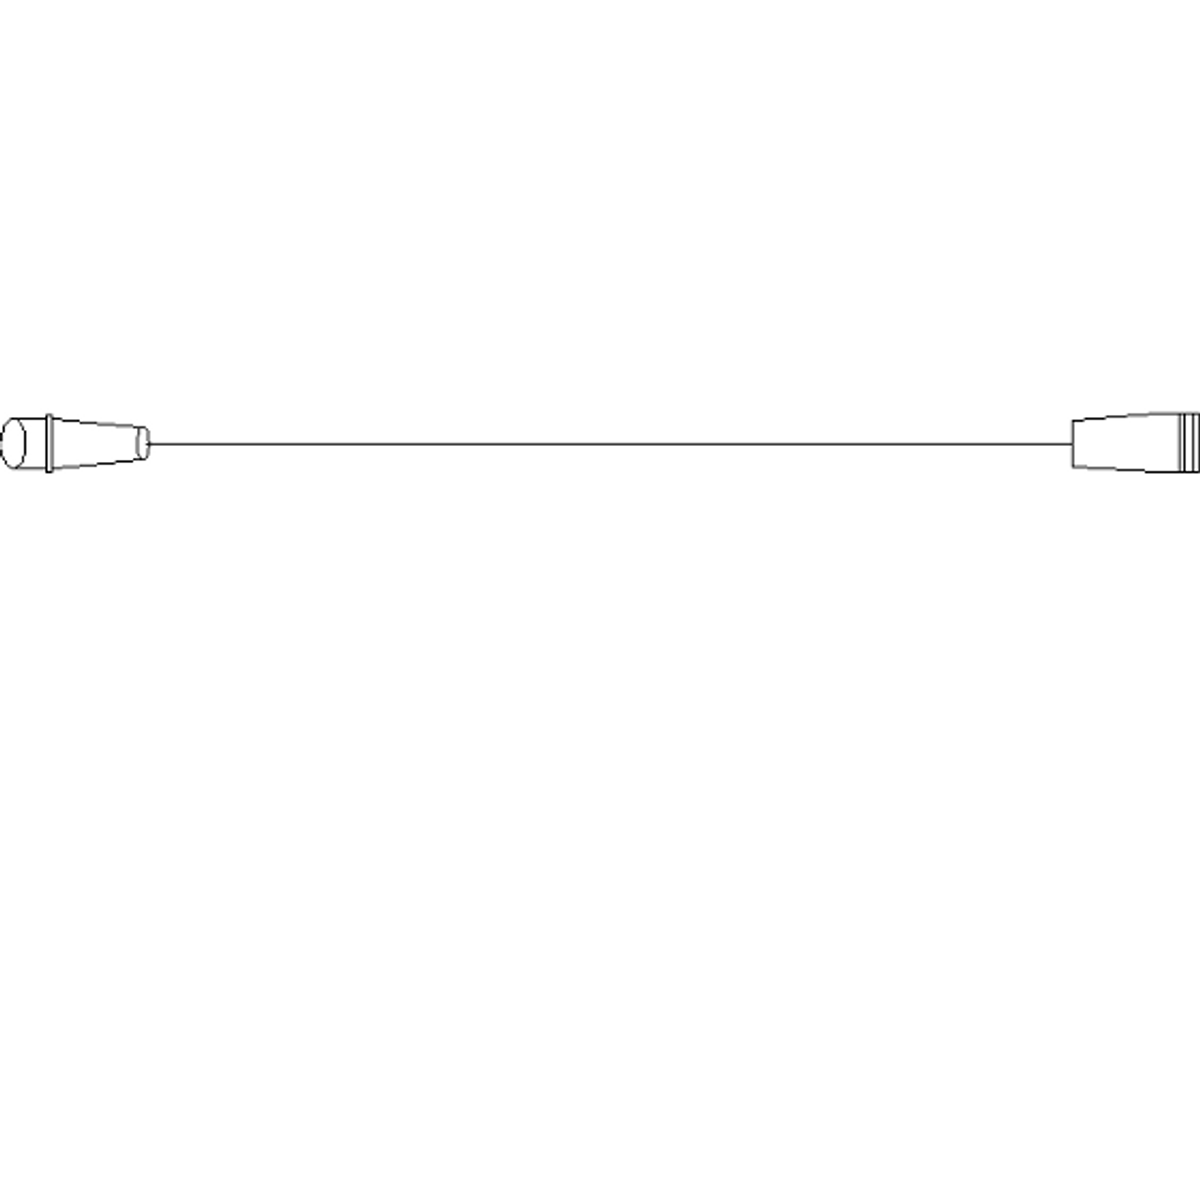 Koblingsledning 5 meter - forlenger mellom LED-figurer